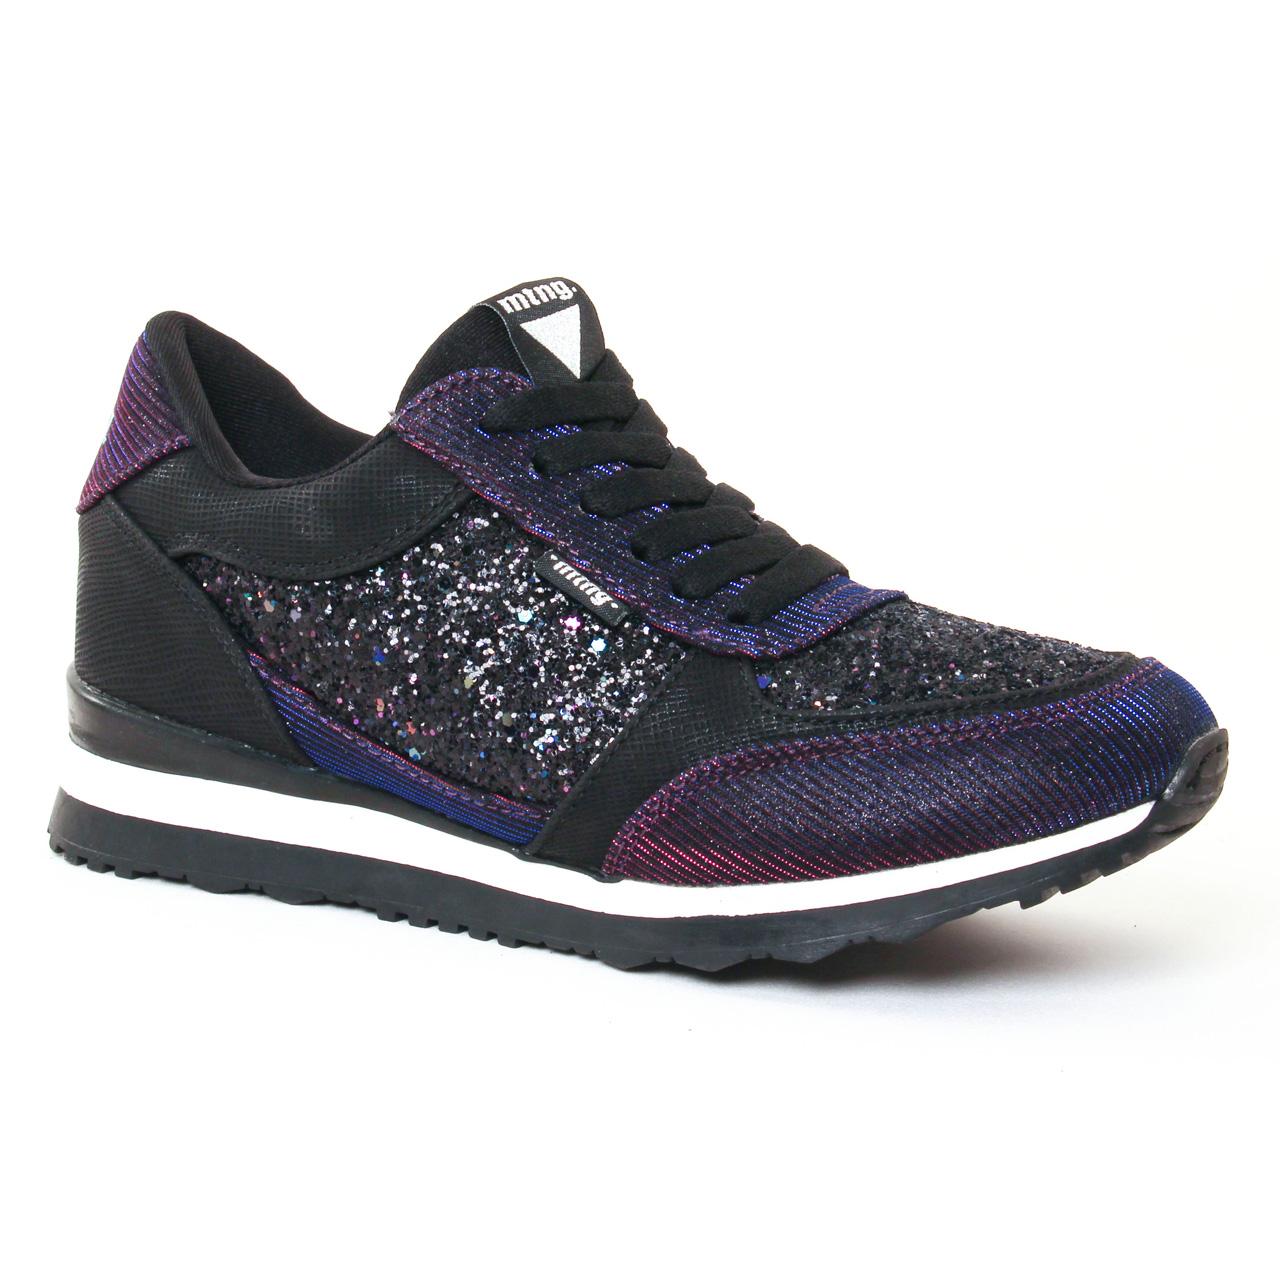 Chaussures femme Noir avec paillettes multicouleurs Mtng